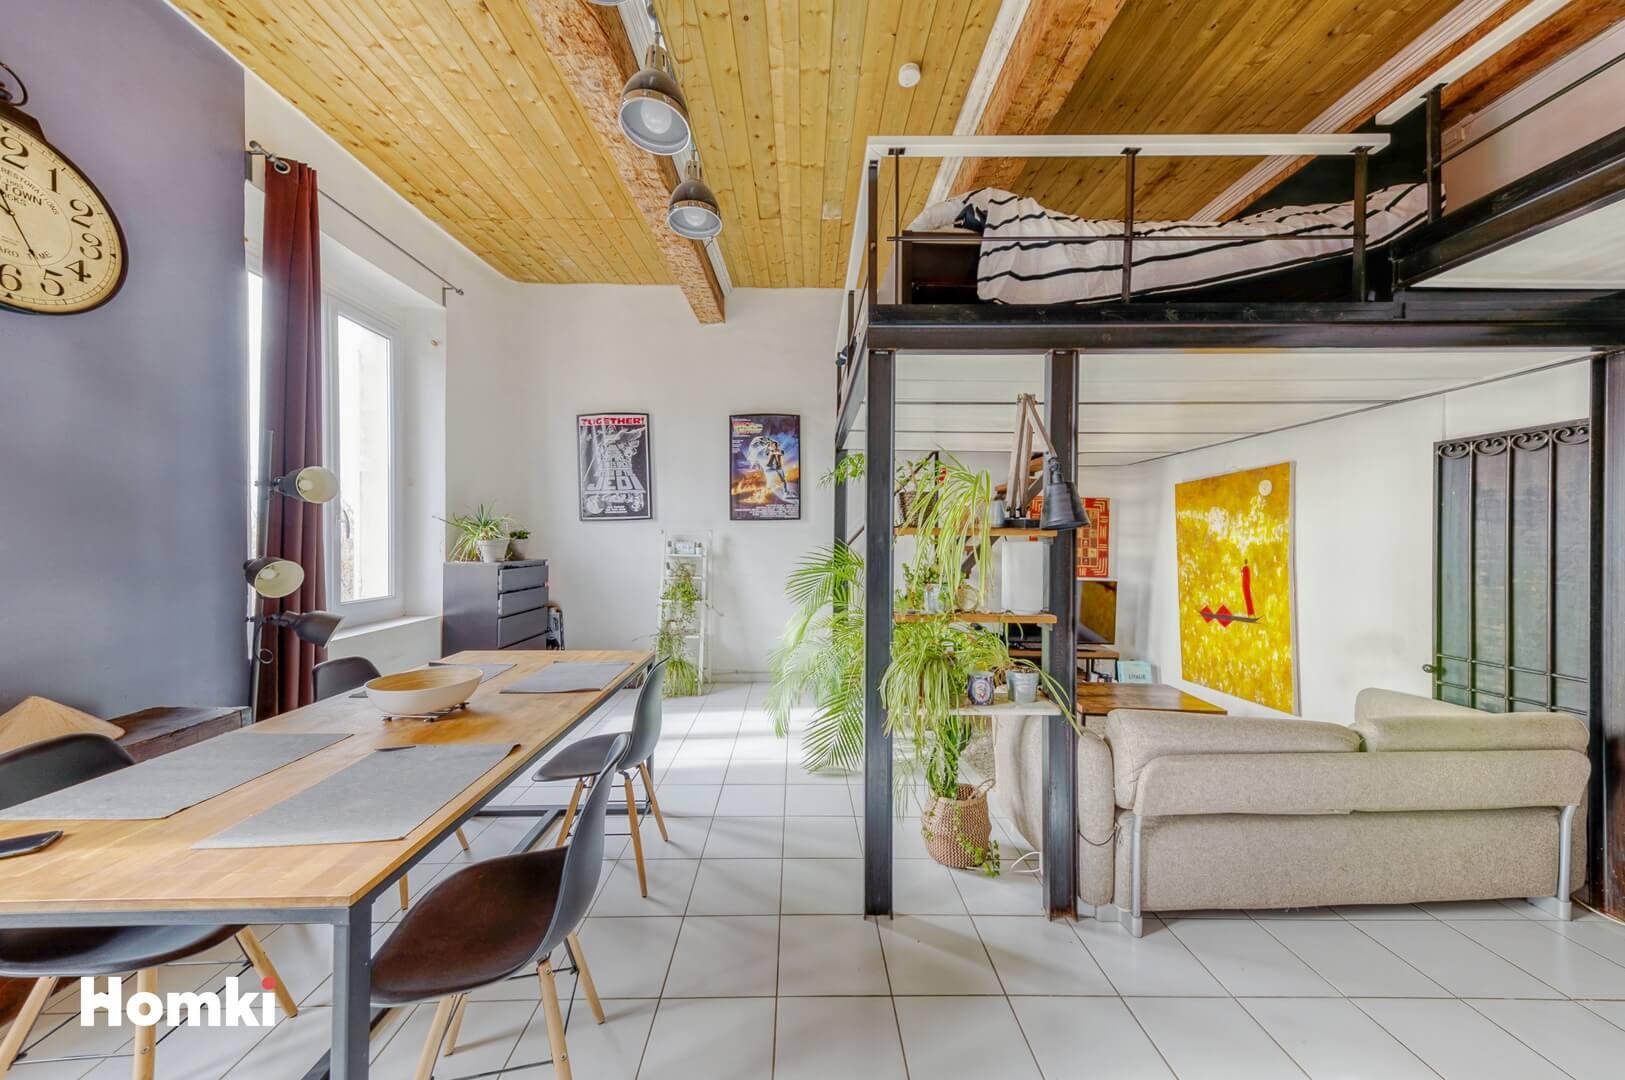 Homki - Vente Appartement  de 40.0 m² à Marseille 13010